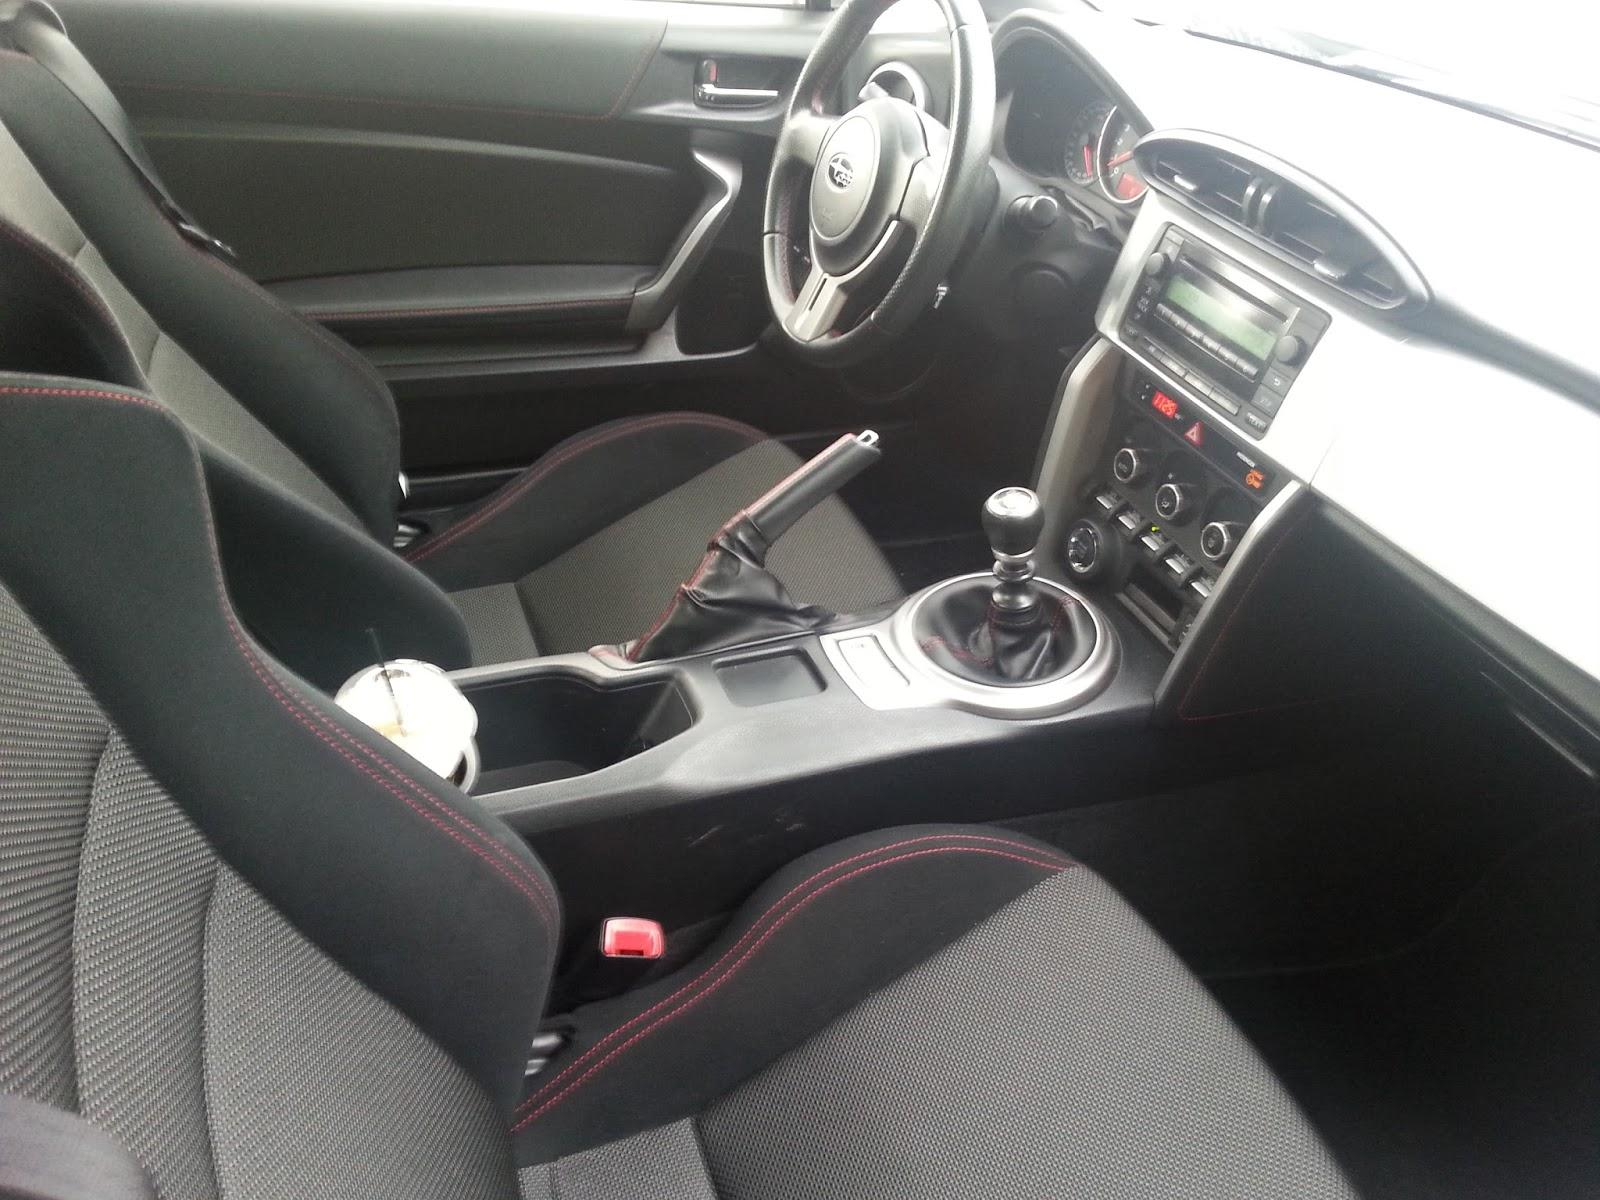 20150326 112415 Οδηγούμε (με τις πάντες) το Subaru BRZ drift, Subaru, Subaru BRZ, ΔΟΚΙΜΕΣ